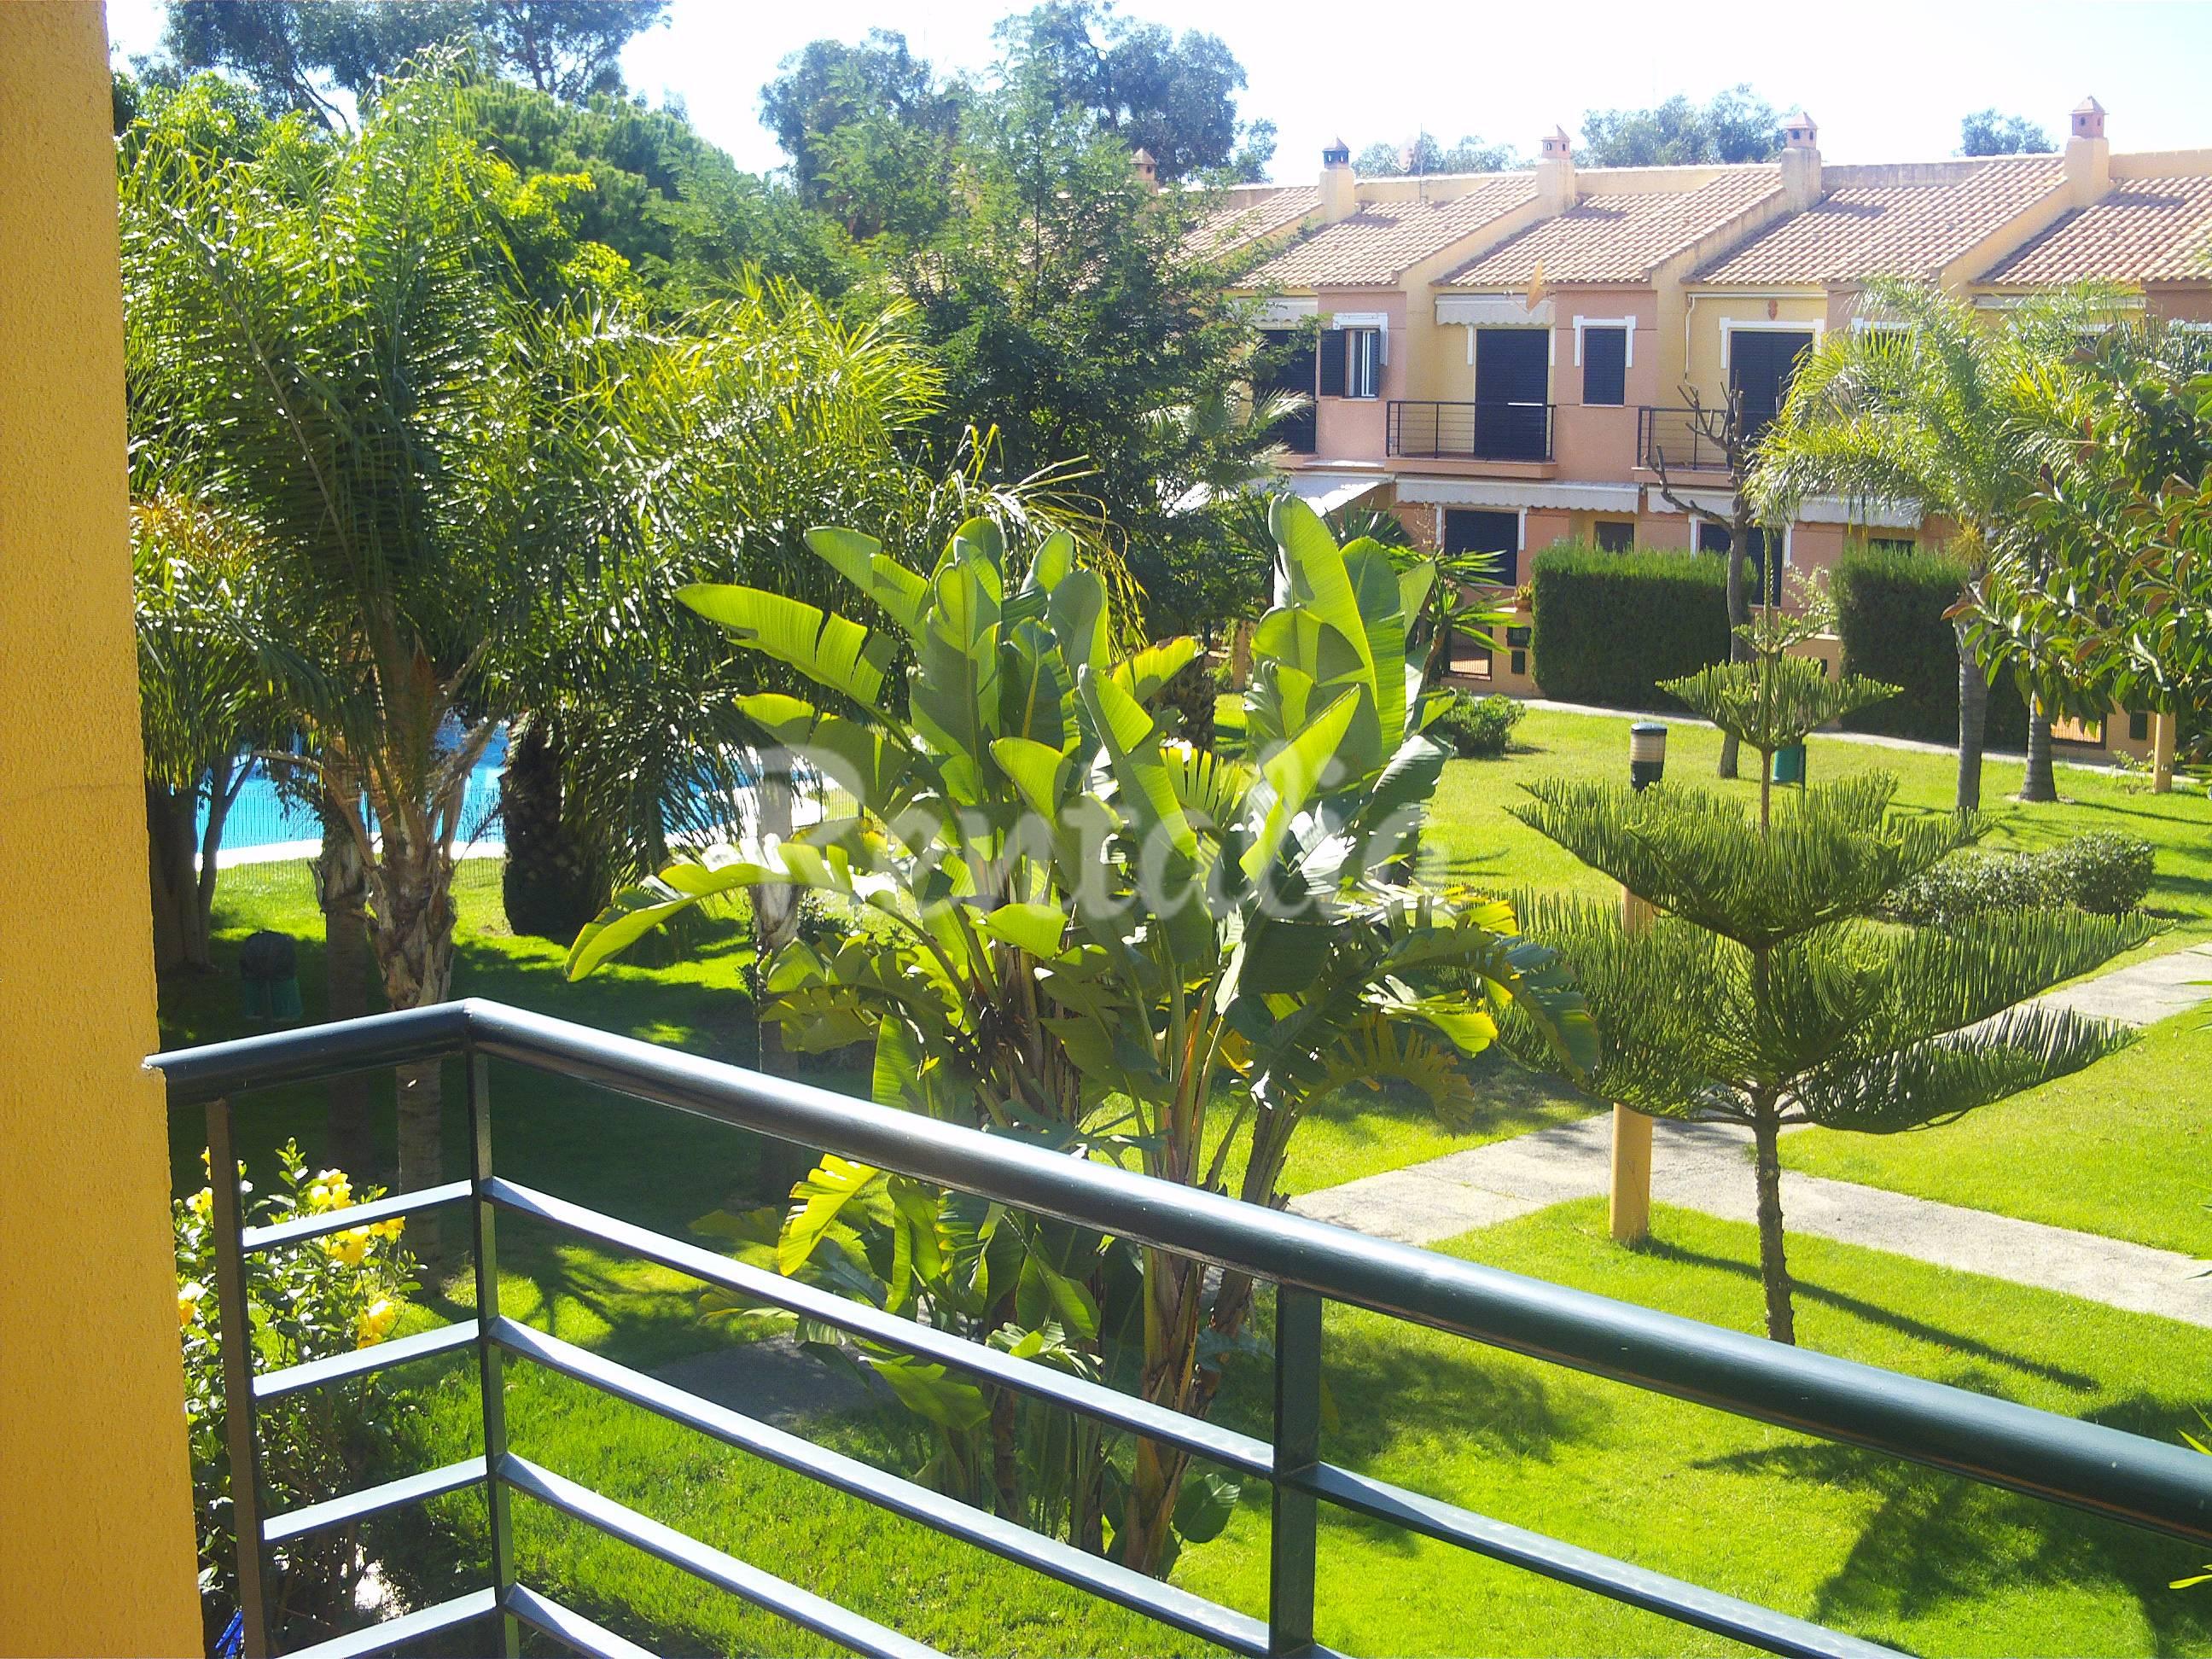 Casa en pleno campo de golf a 800 m de la playa - Rentalia islantilla ...